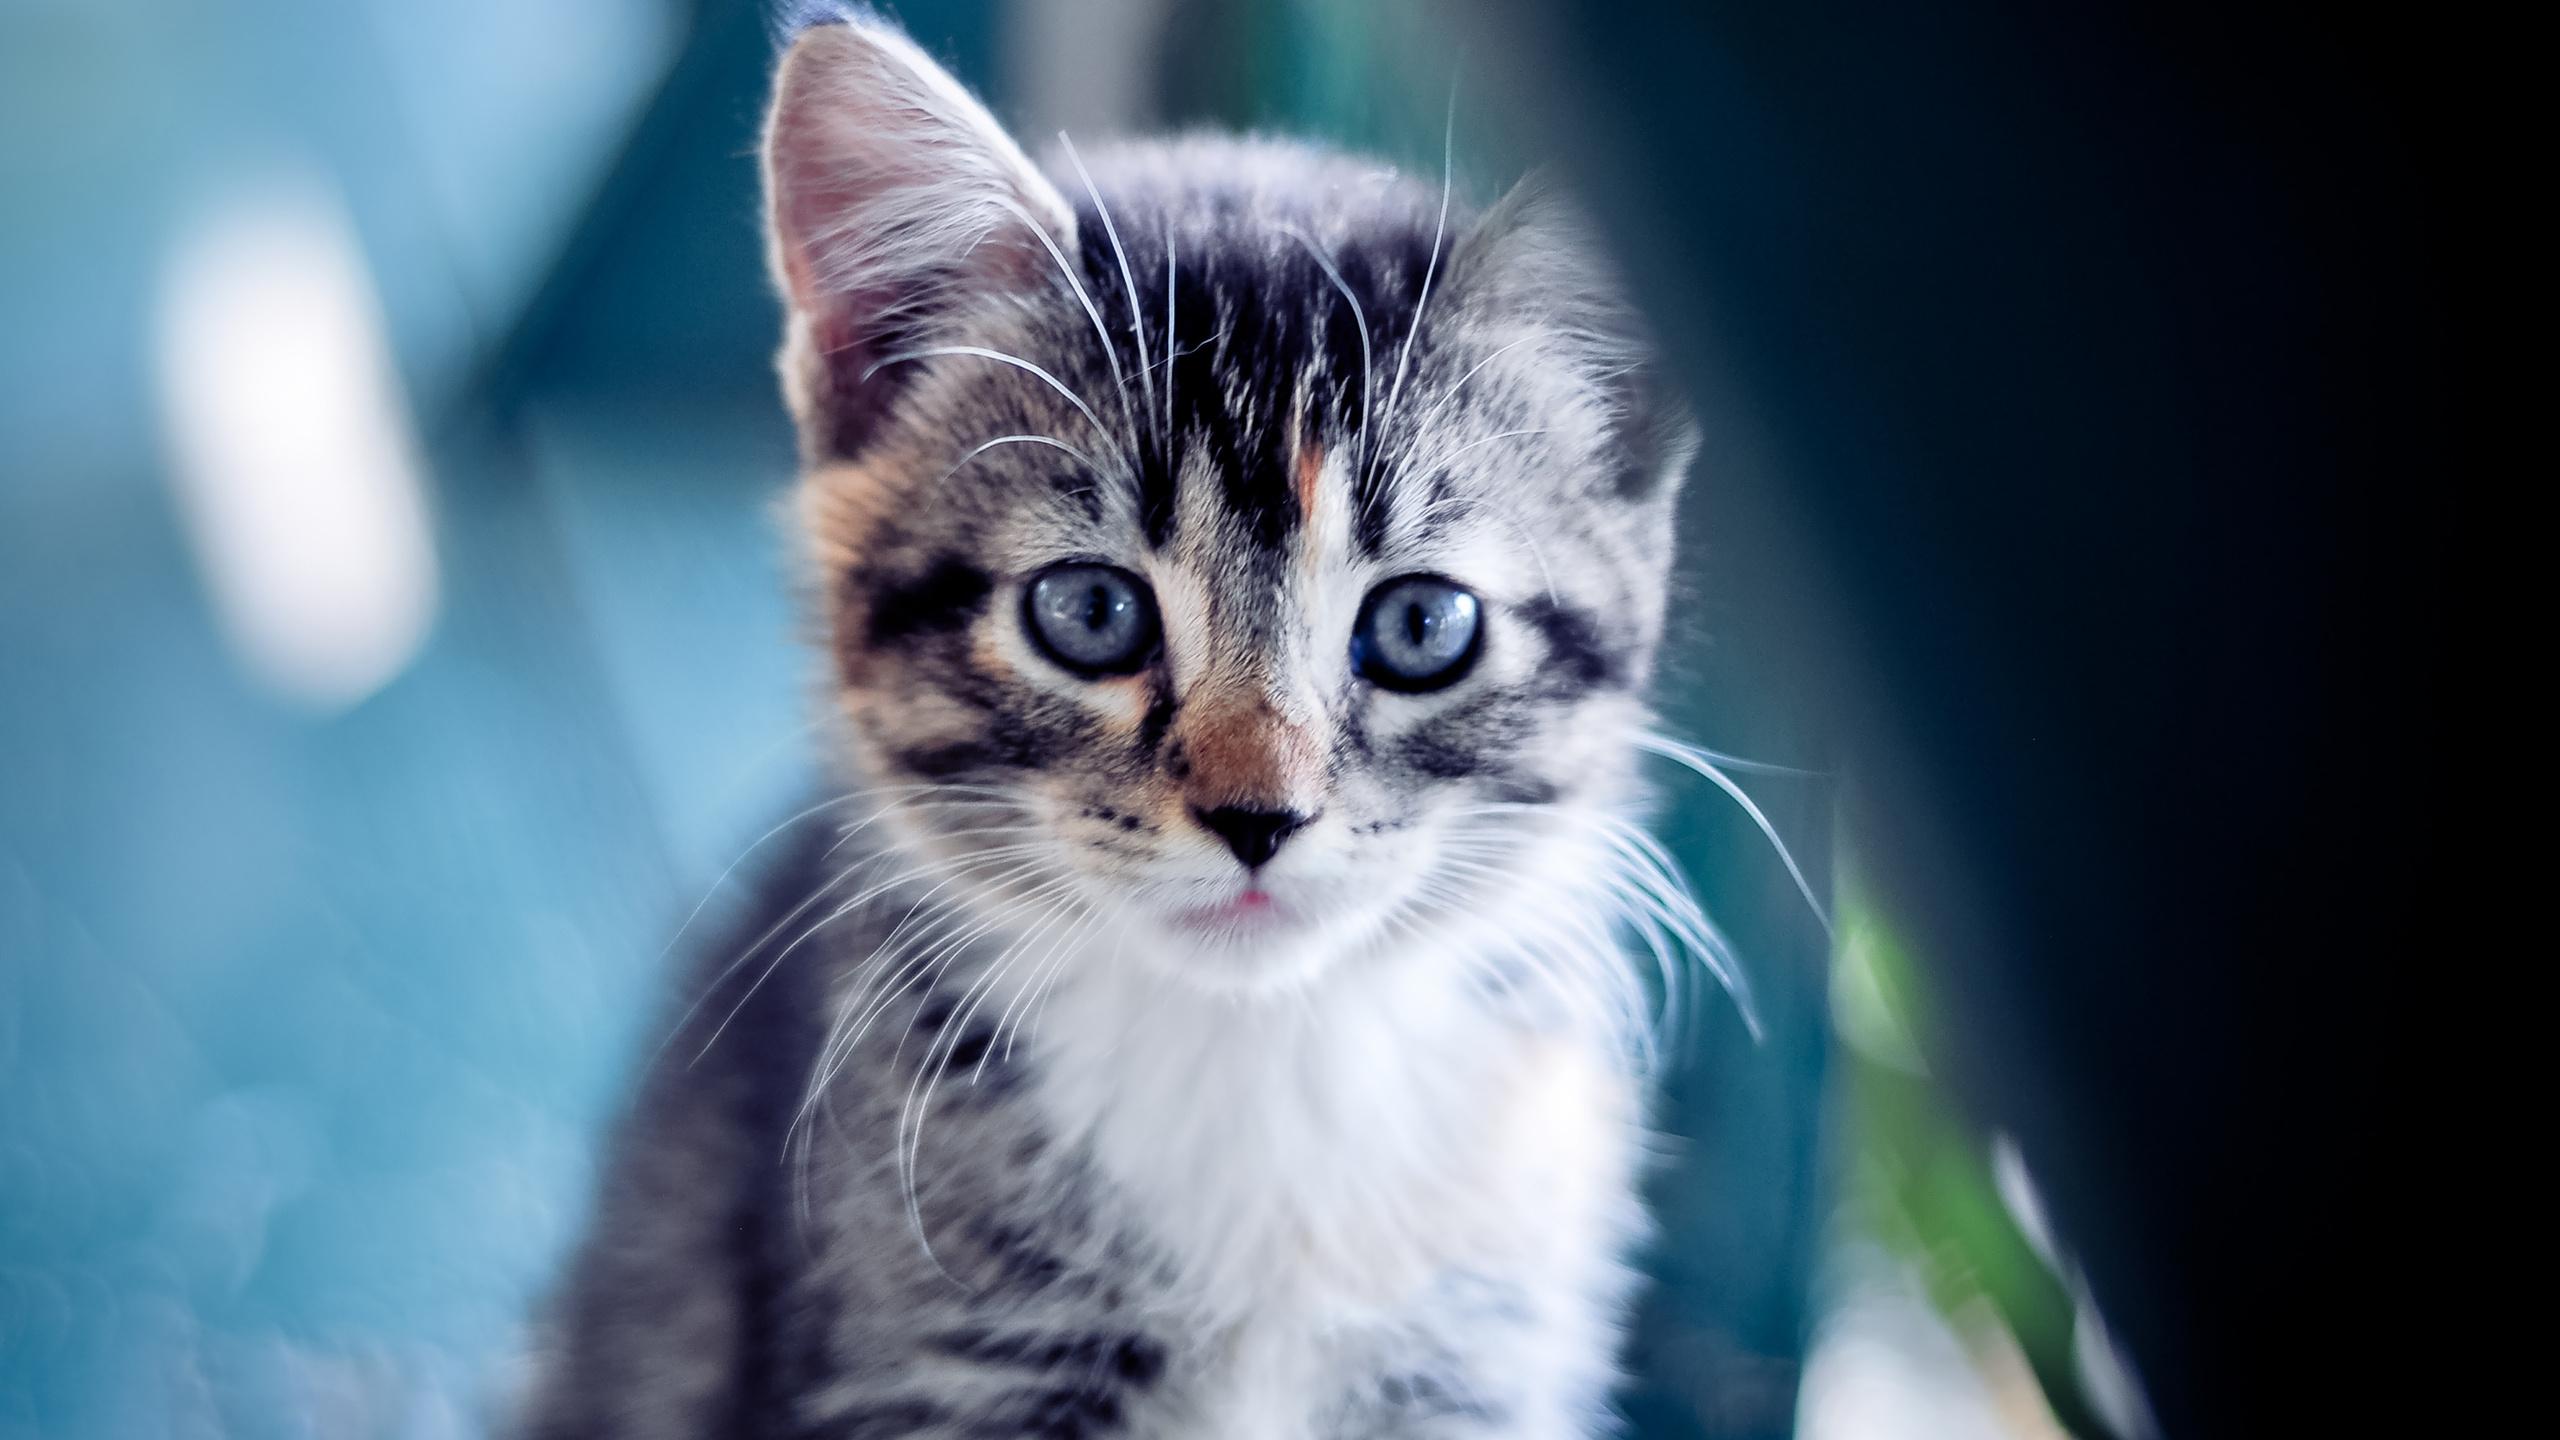 Картинки для телефона кошек